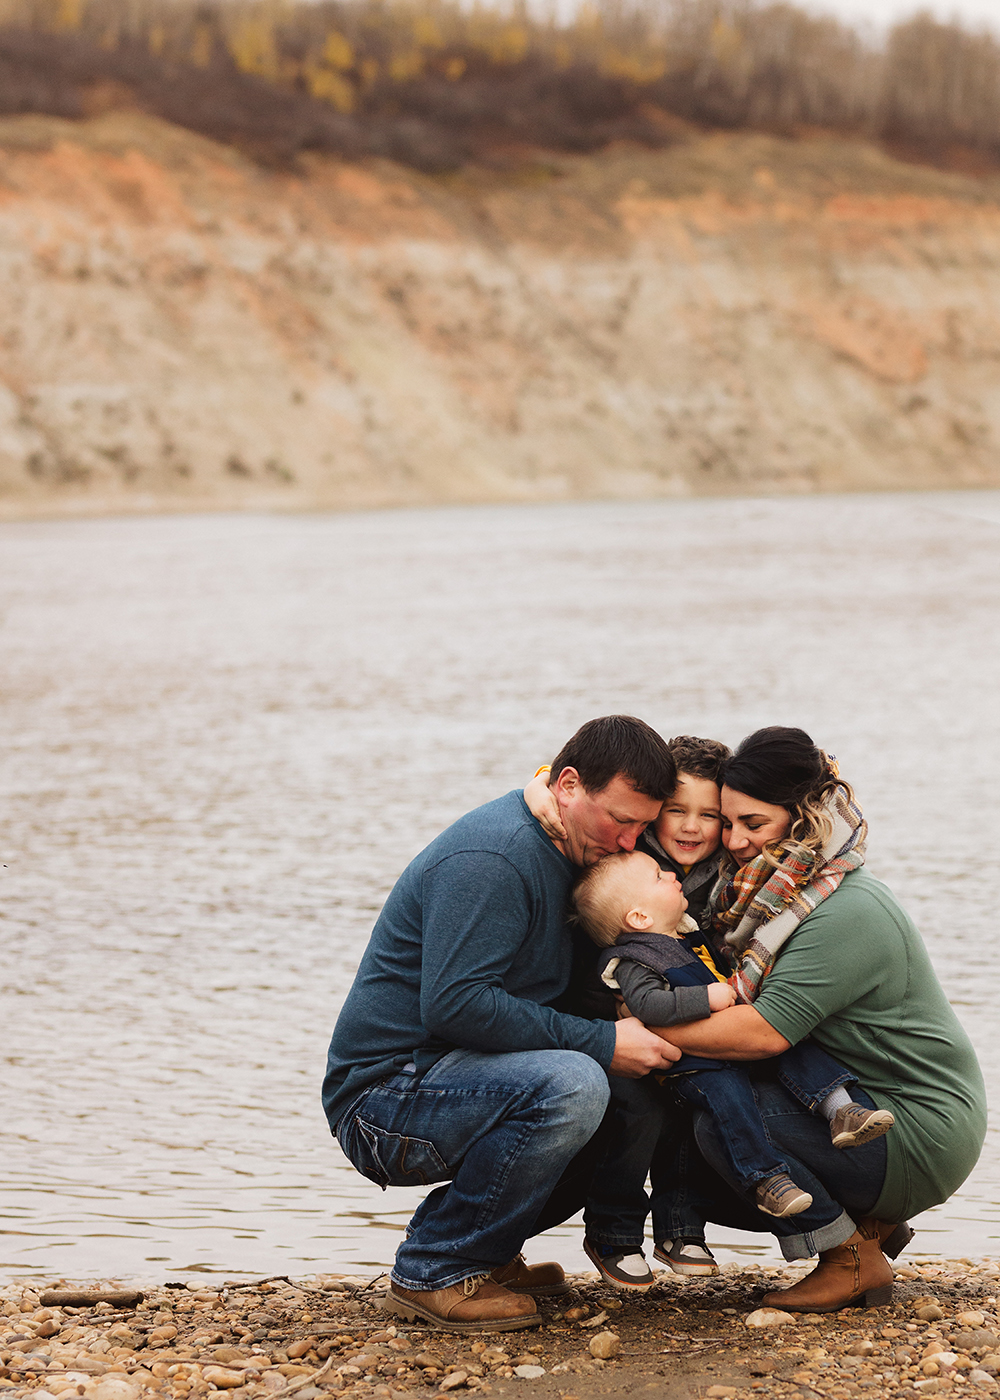 Edmonton family photographer_Schmidt Family Sneak Peek 2.jpg